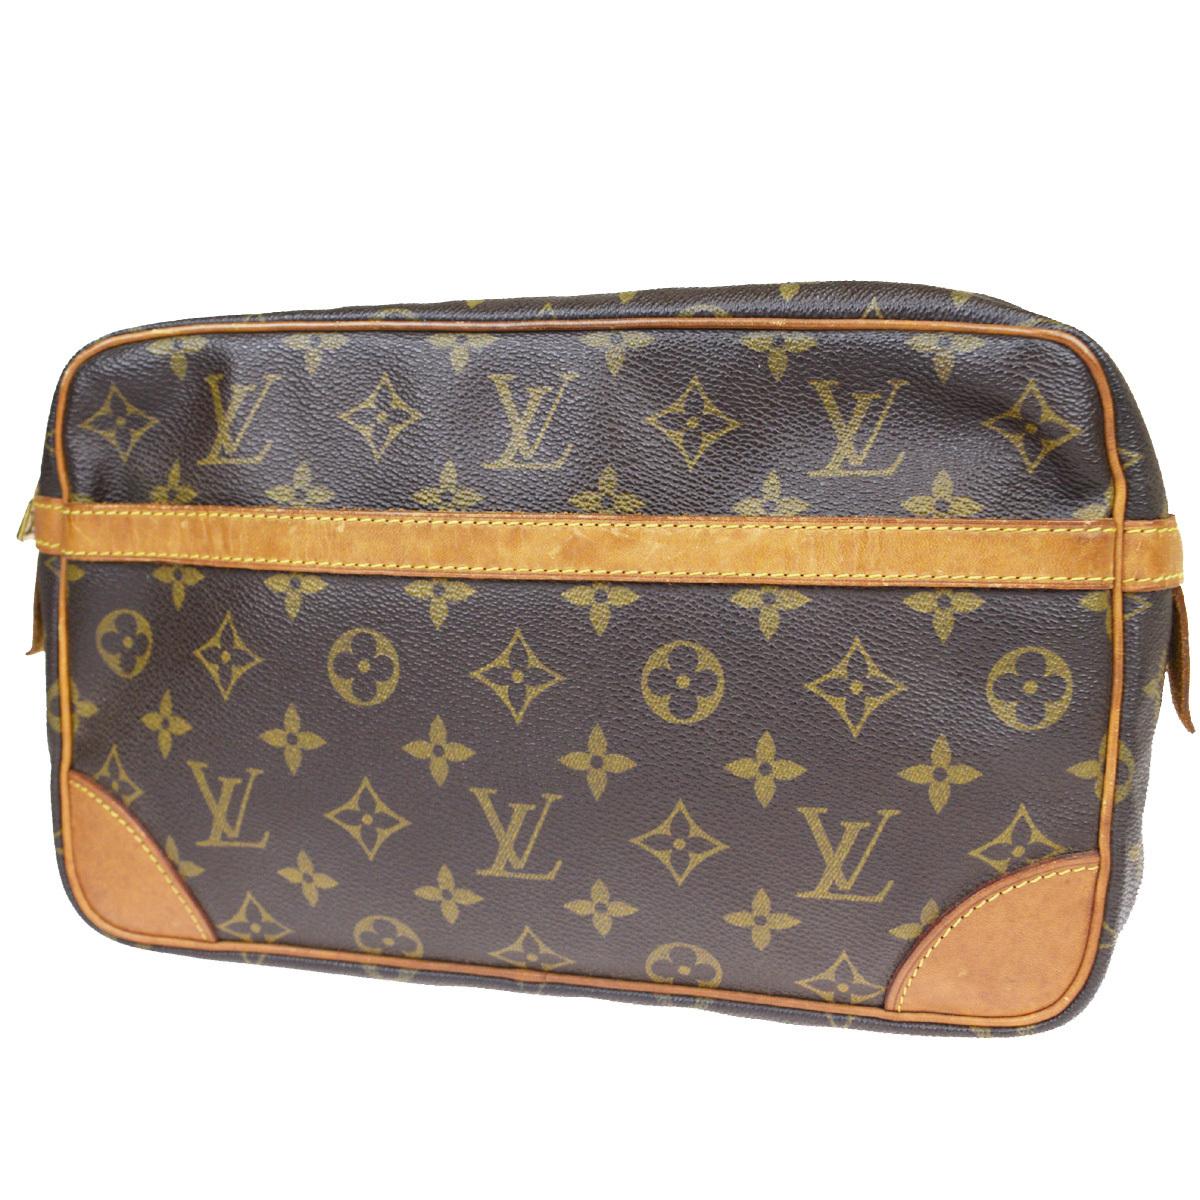 【中古】 ルイ・ヴィトン(Louis Vuitton) モノグラム コンピエーニュ 28 M51845 クラッチバッグ ブラウン 09FB090